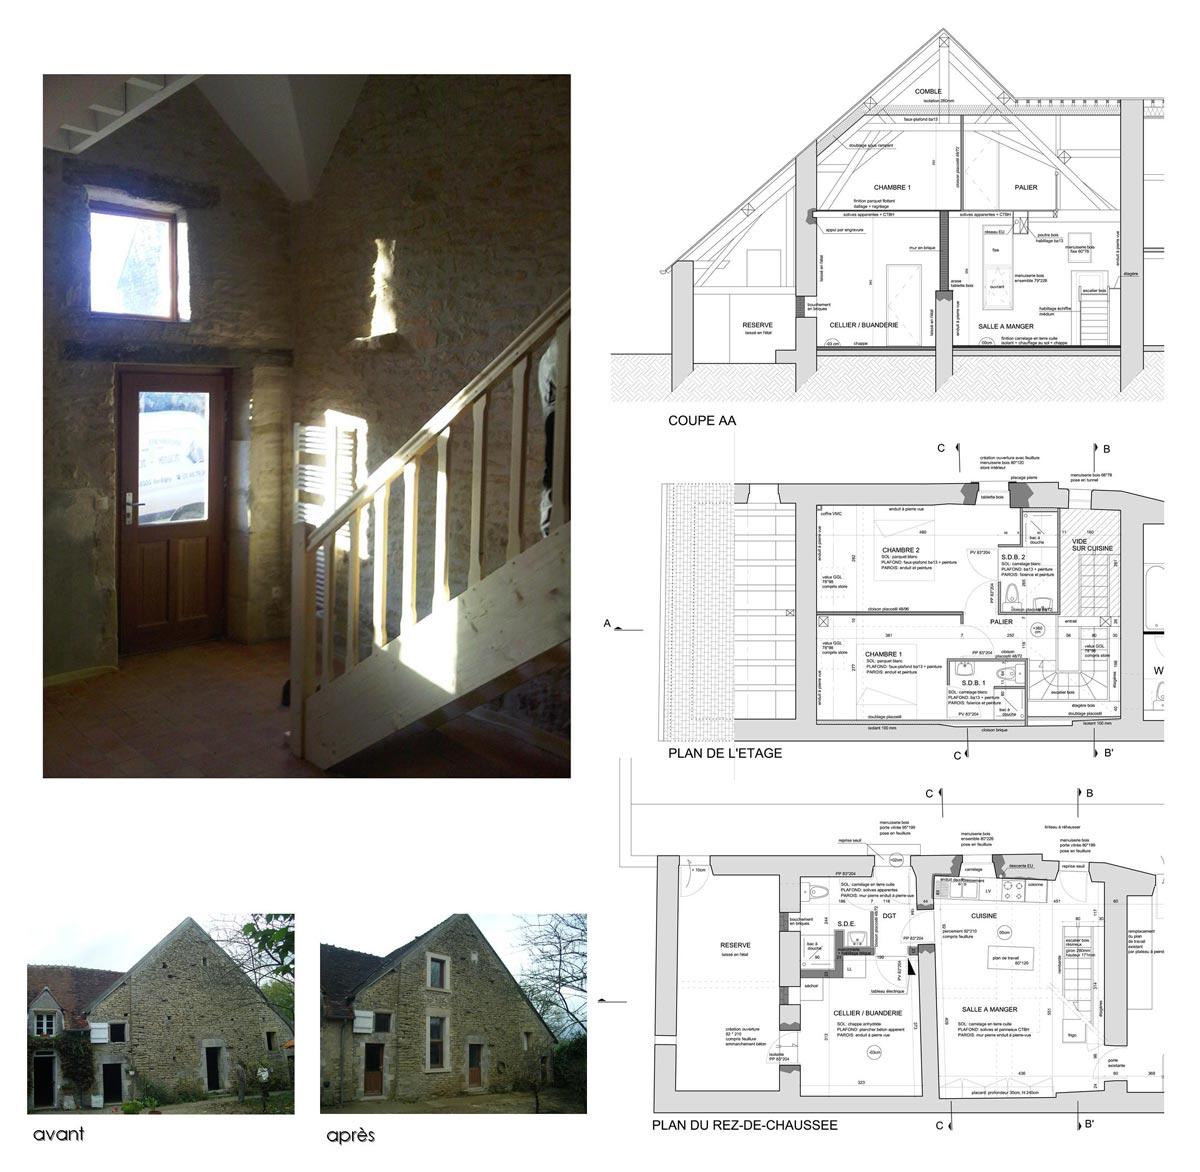 Réaménagement d'une habitation à Donzy 58